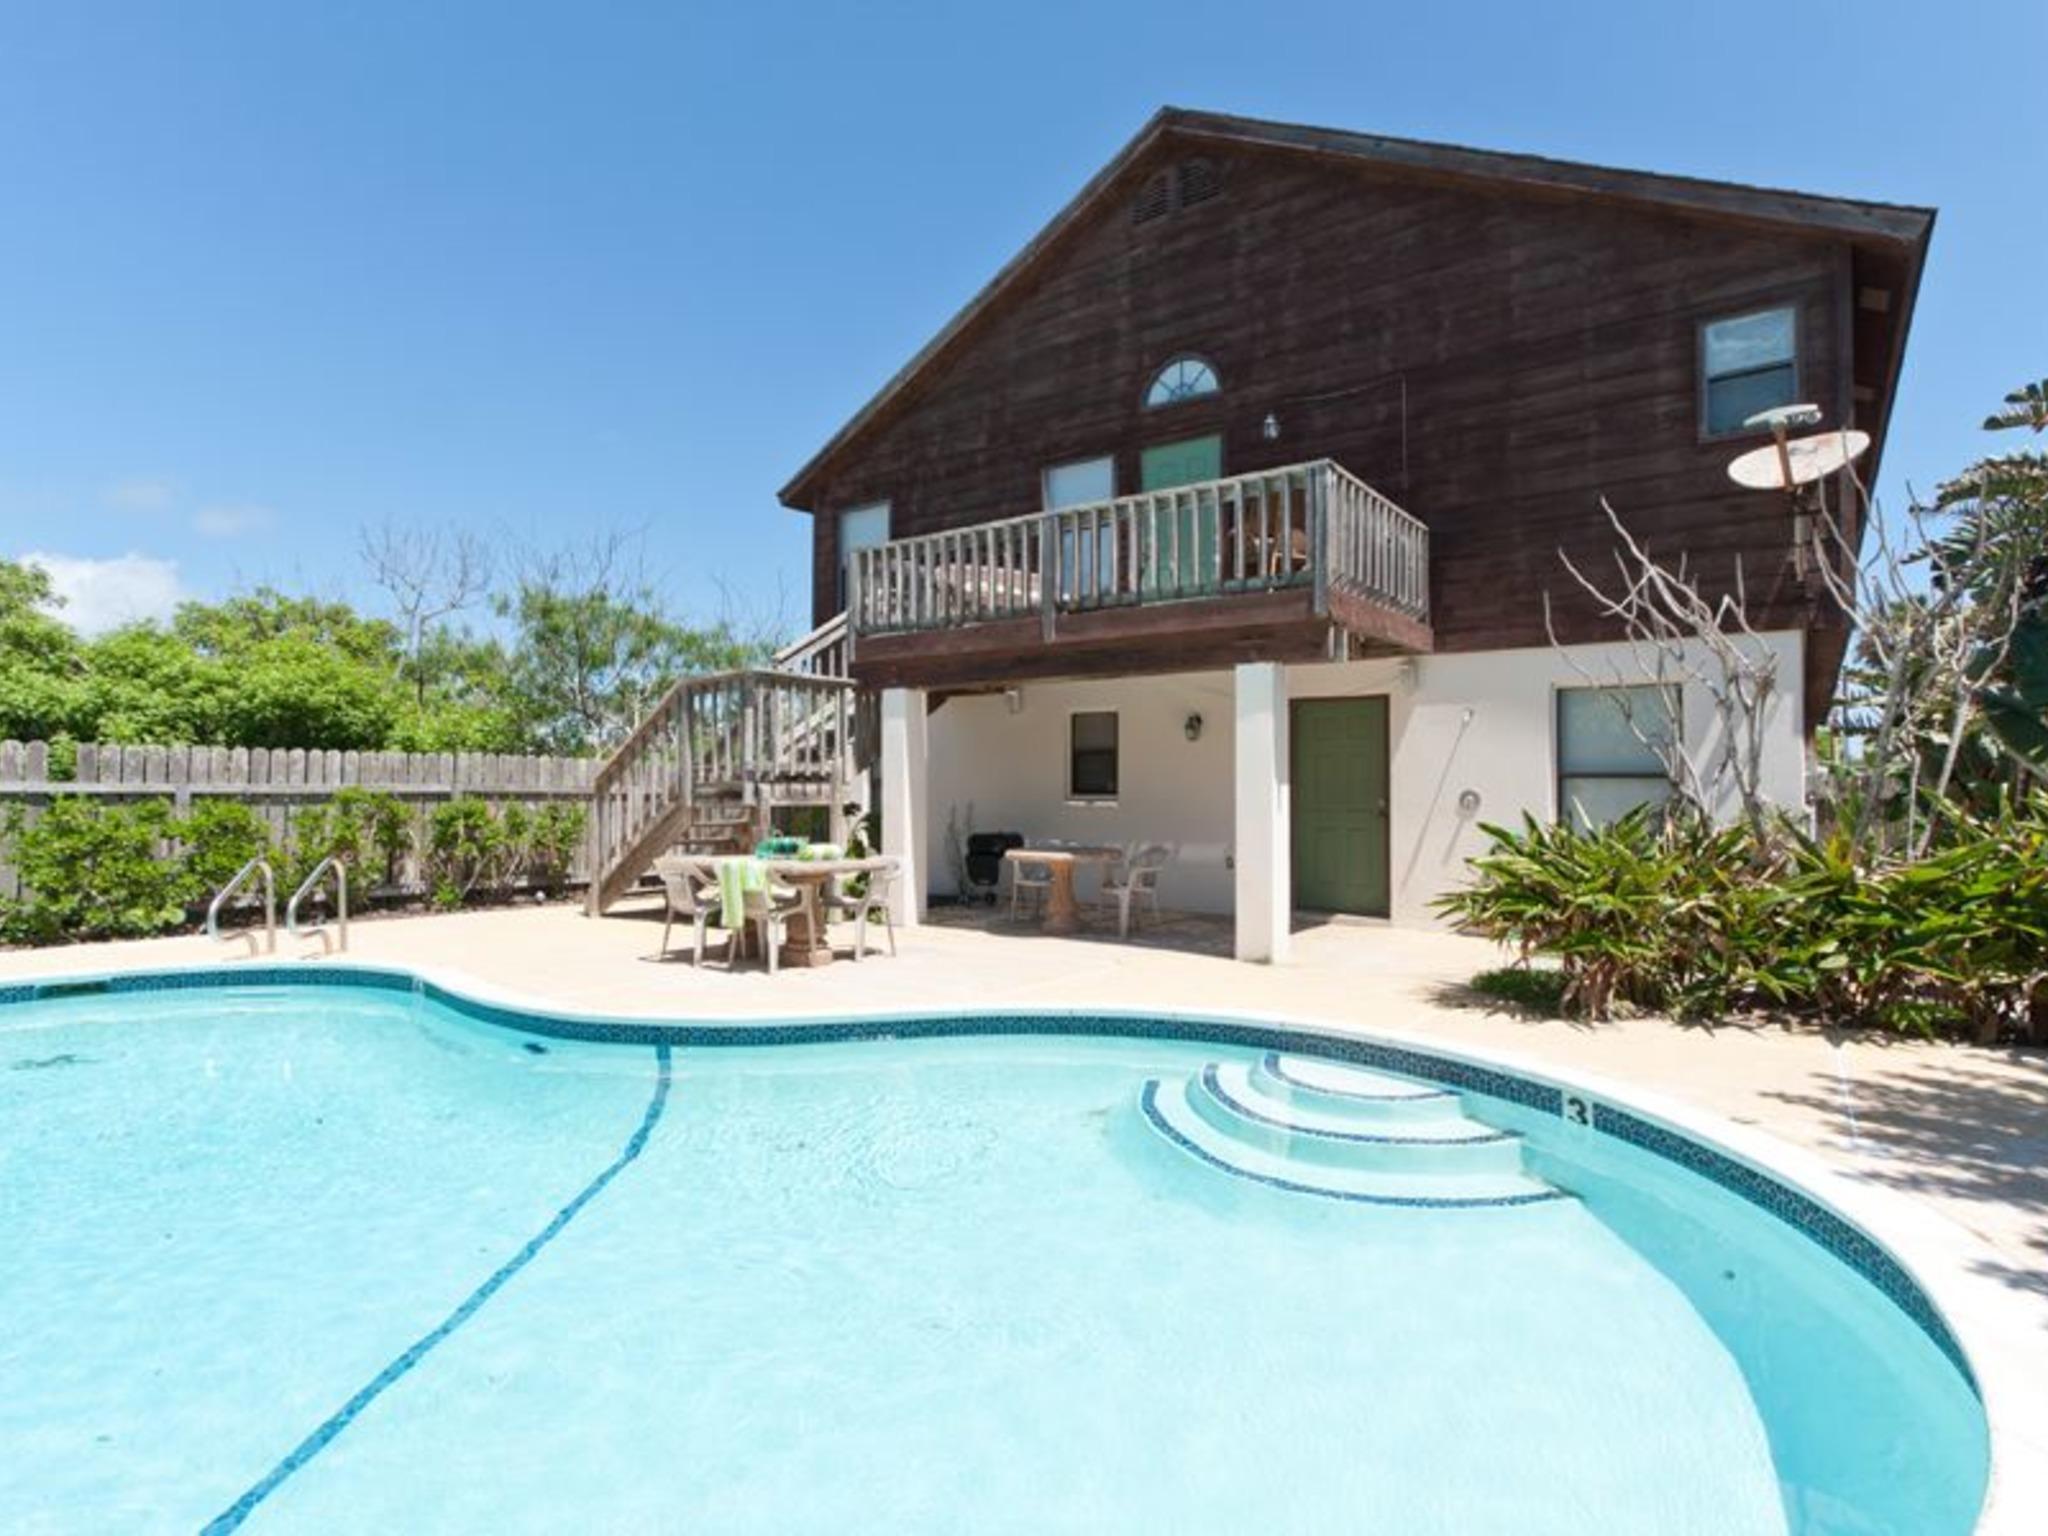 Acapulco Villa House South Padre Island Tx Vacation